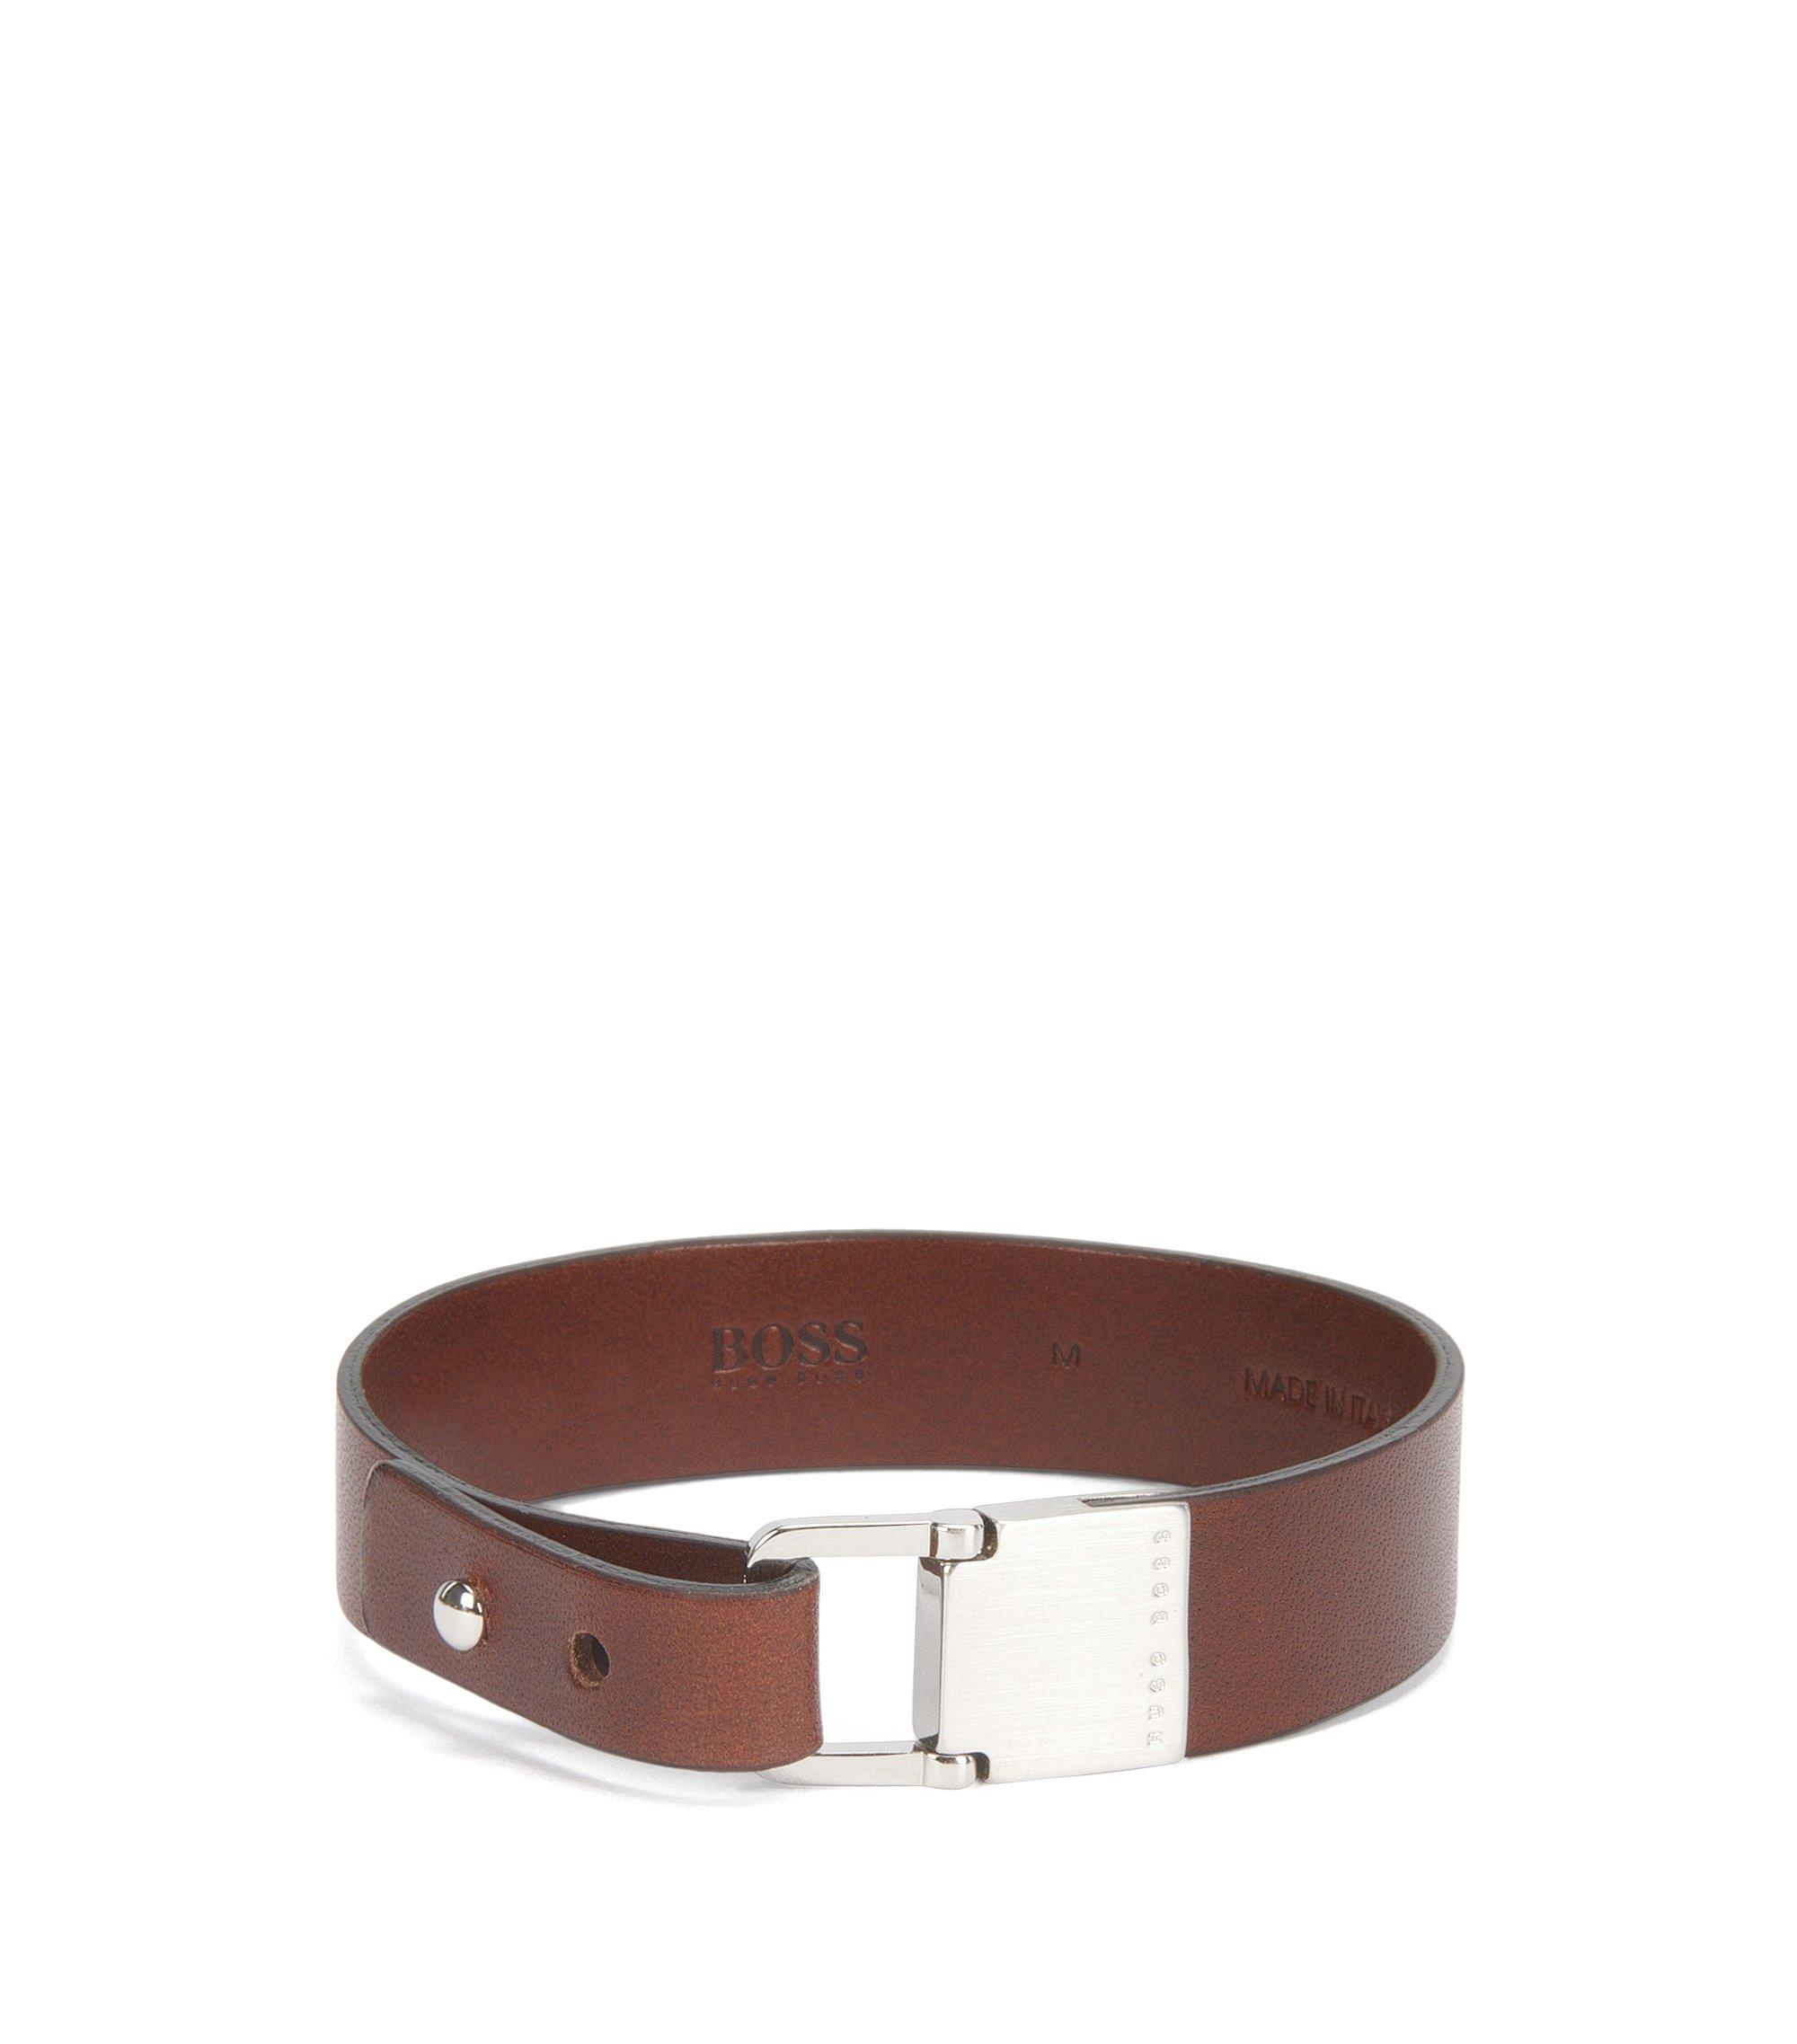 Armband aus Leder mit gebürstetem Metall-Verschluss, Braun